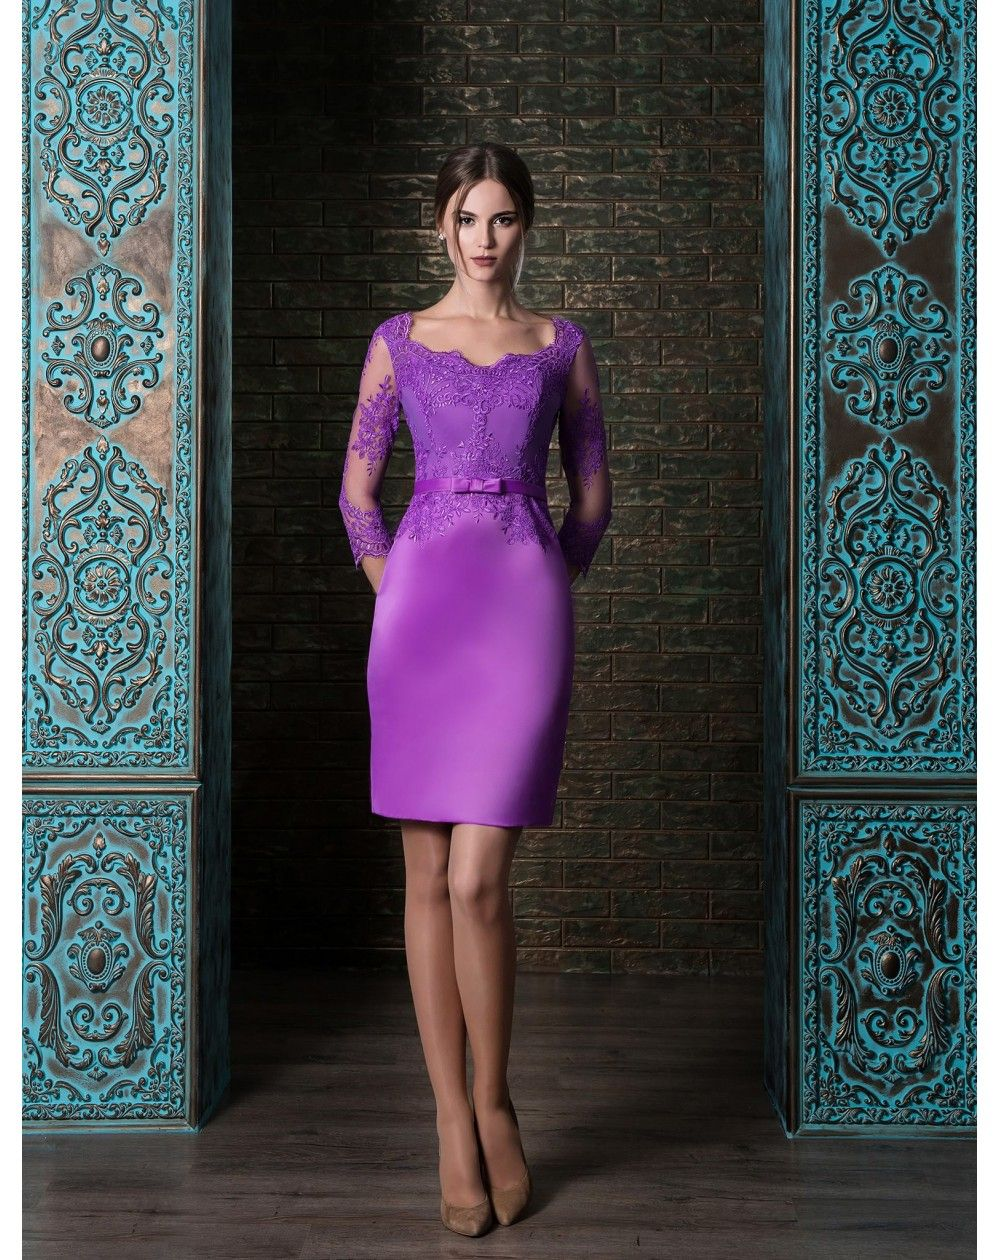 Krátke elegatné púzdrové šaty so saténovou sukňou s trojštvrťovými rukávmi  zdobené čipkou. Červené e0d88089c24